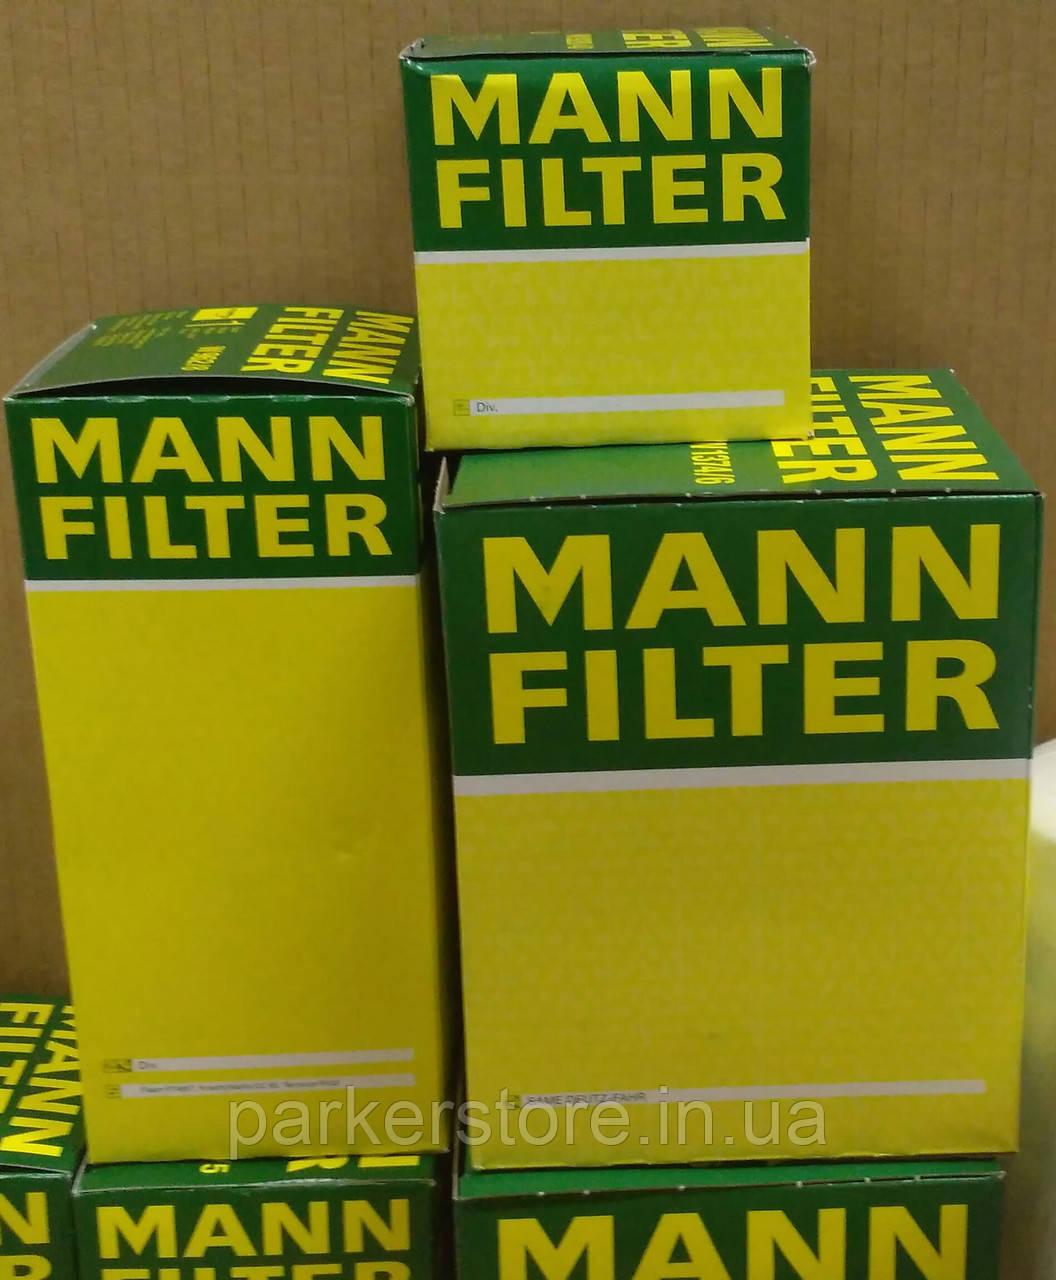 MANN FILTER / Повітряний фільтр / C 12 178/1 / C12178/1